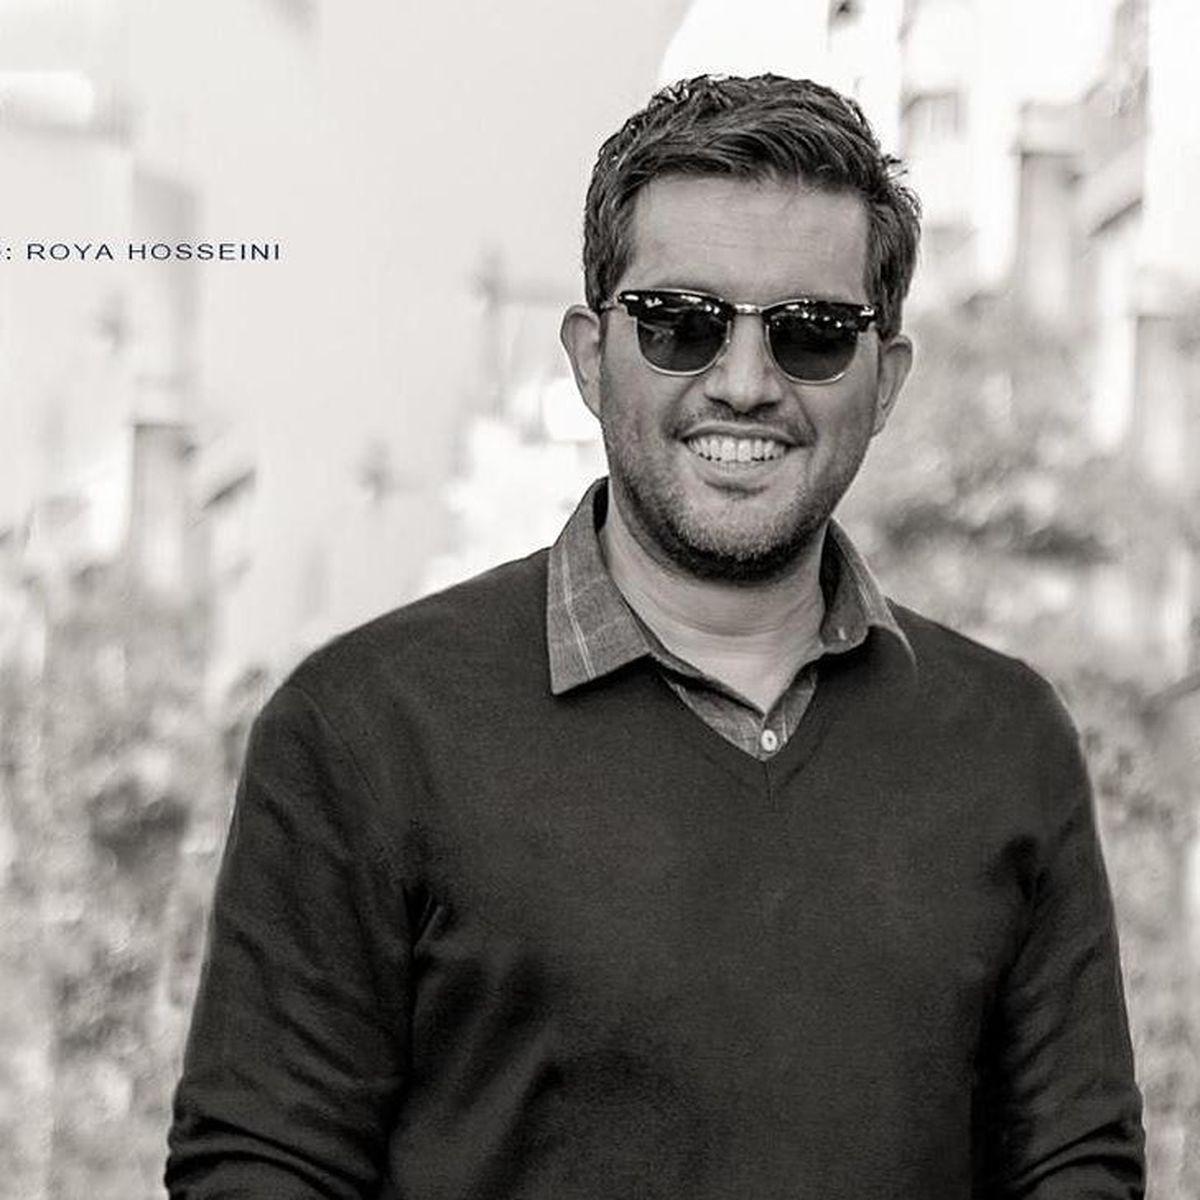 توهین حامد بهداد به استاد شهریار | عکسهای جدید حامد بهداد